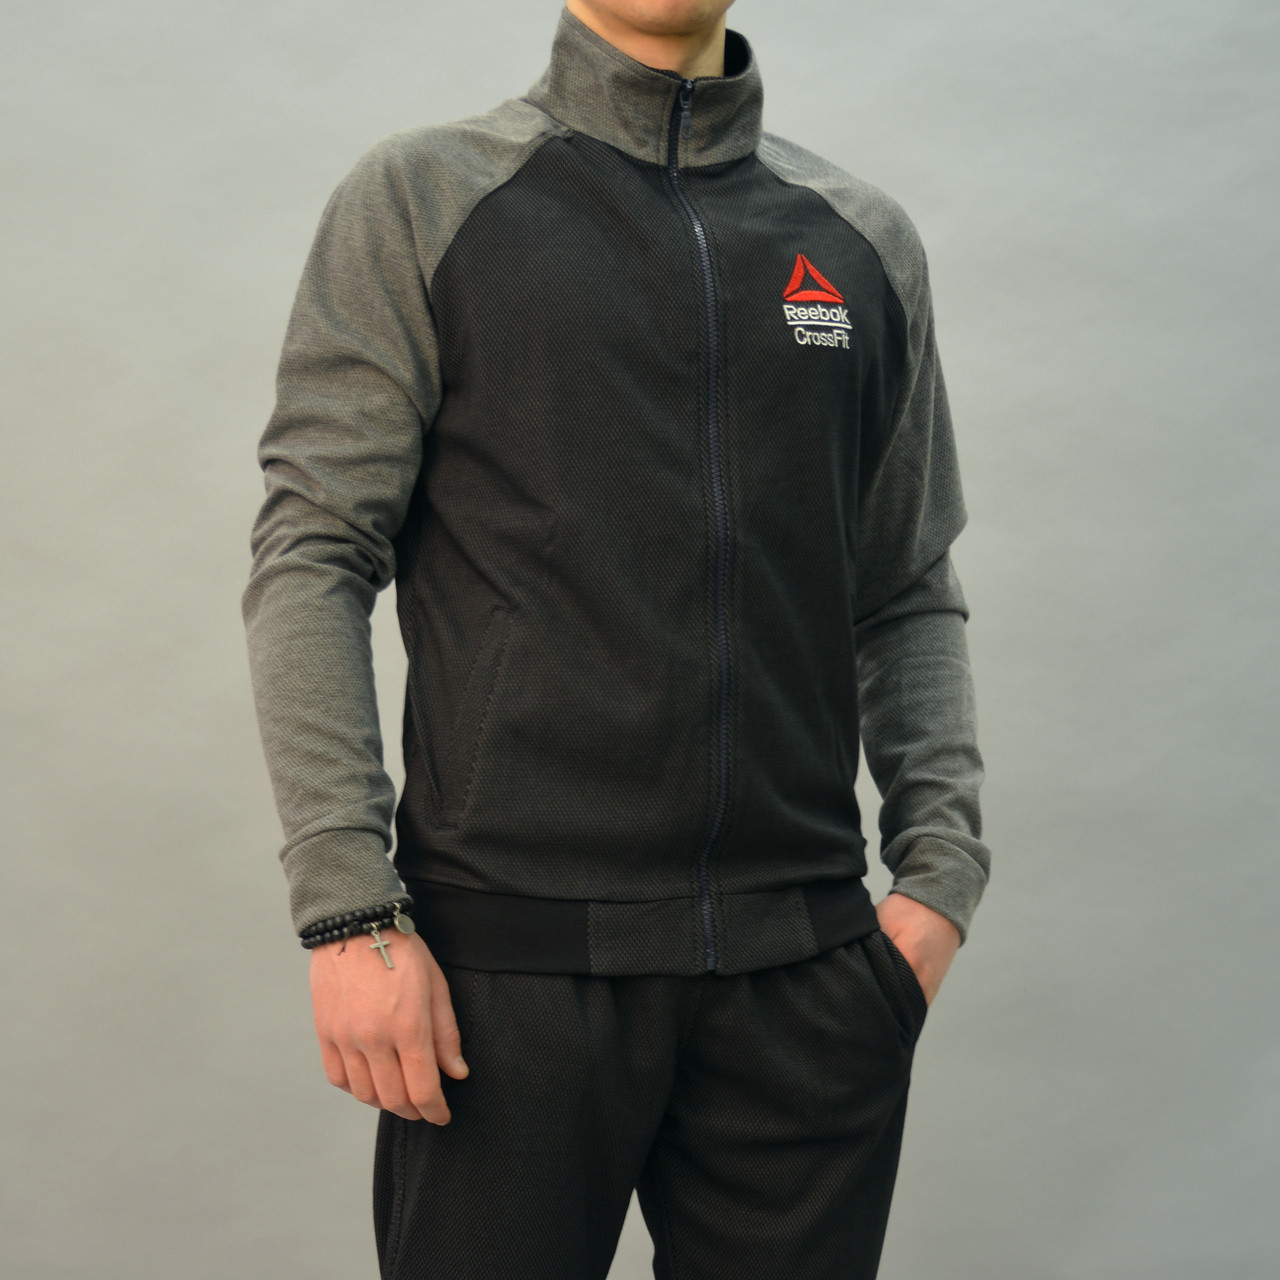 2dd0fd7187dc51 Размеры:46,48. Мужской спортивный костюм Reebok Crossfit (Рибок ...